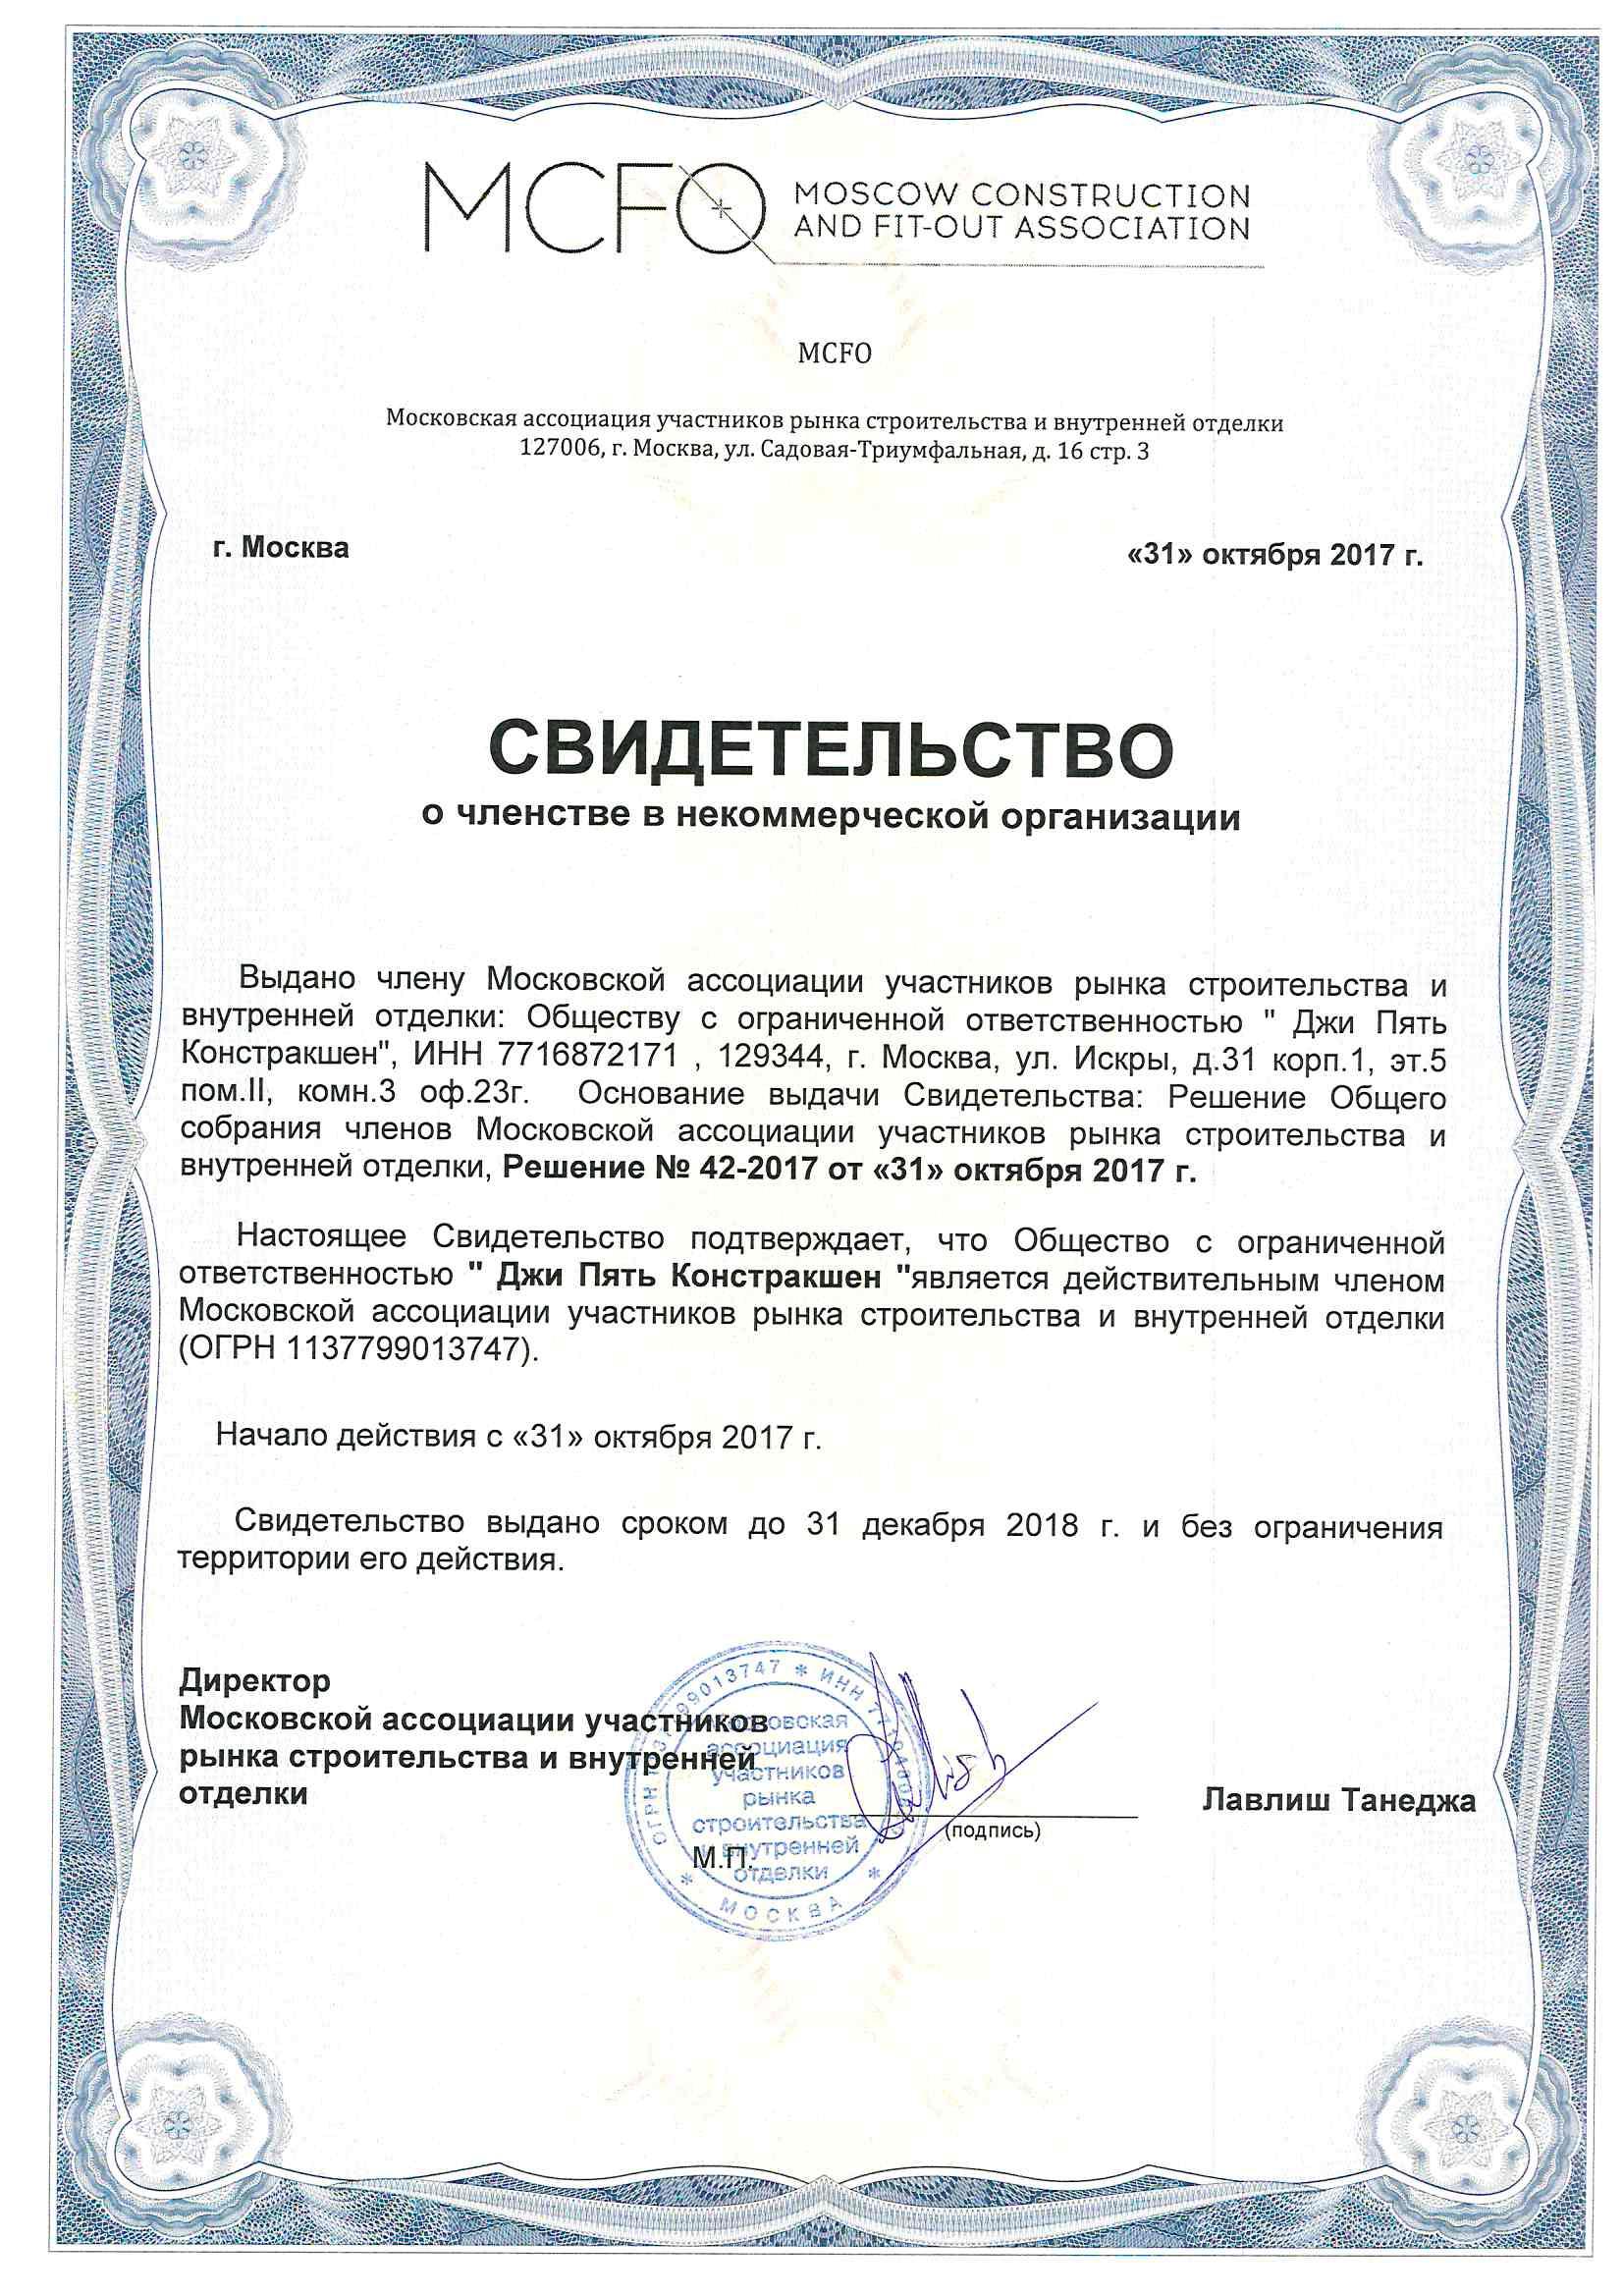 Московская ассоциация участников рынка строительства и внутренней отделки